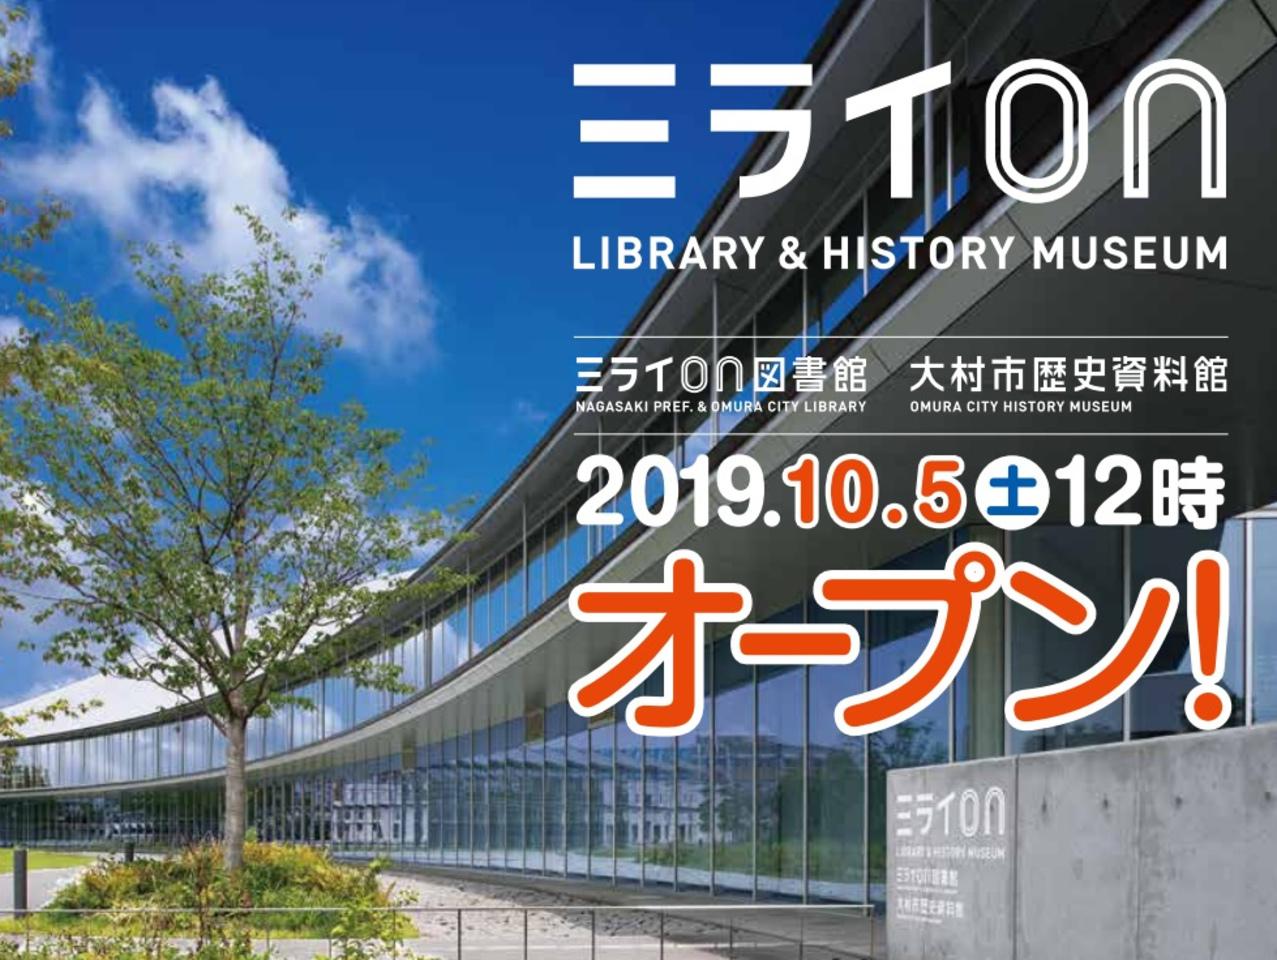 長崎県大村市東本町に開館するミライon図書館内に「カフェ ミライノ」明日オープン!